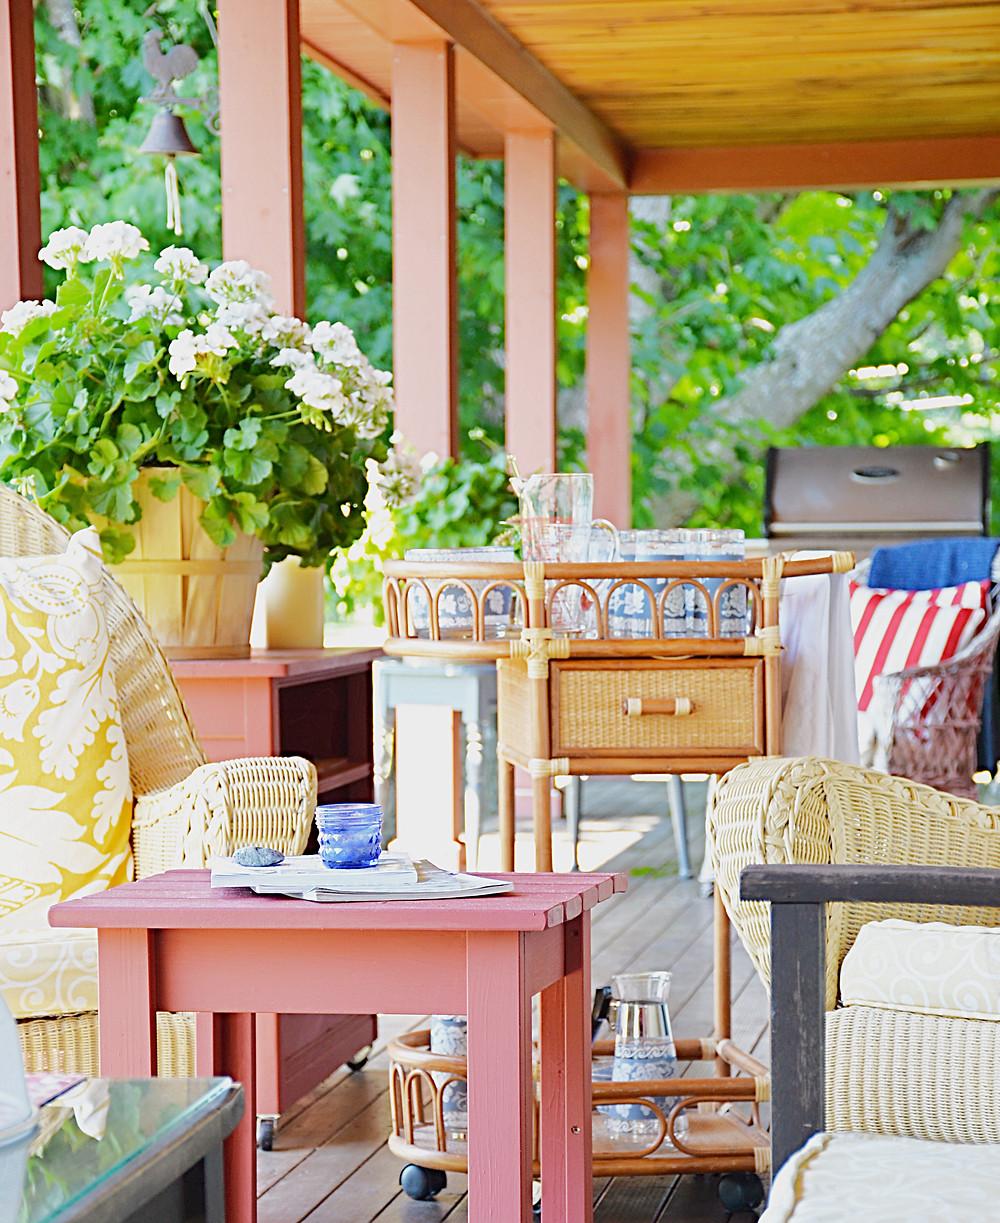 Vintage beverage cart on the porch.